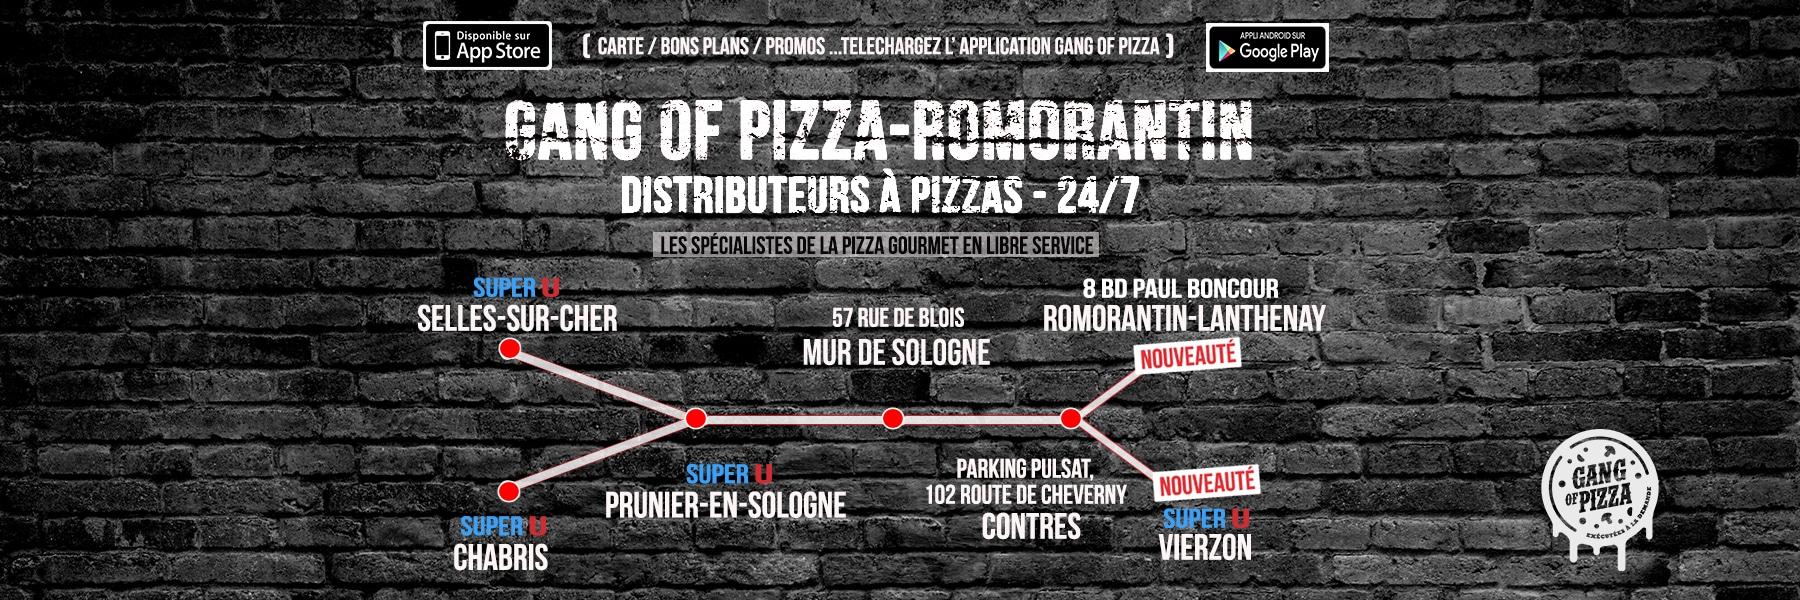 SUPER-U-selles-sur-cher-chabris-prunier-en-sologne-mur-de-sologne-contres-romorantin-lanthenay-vierzon-distributeur-pizza-24-7-fast-food